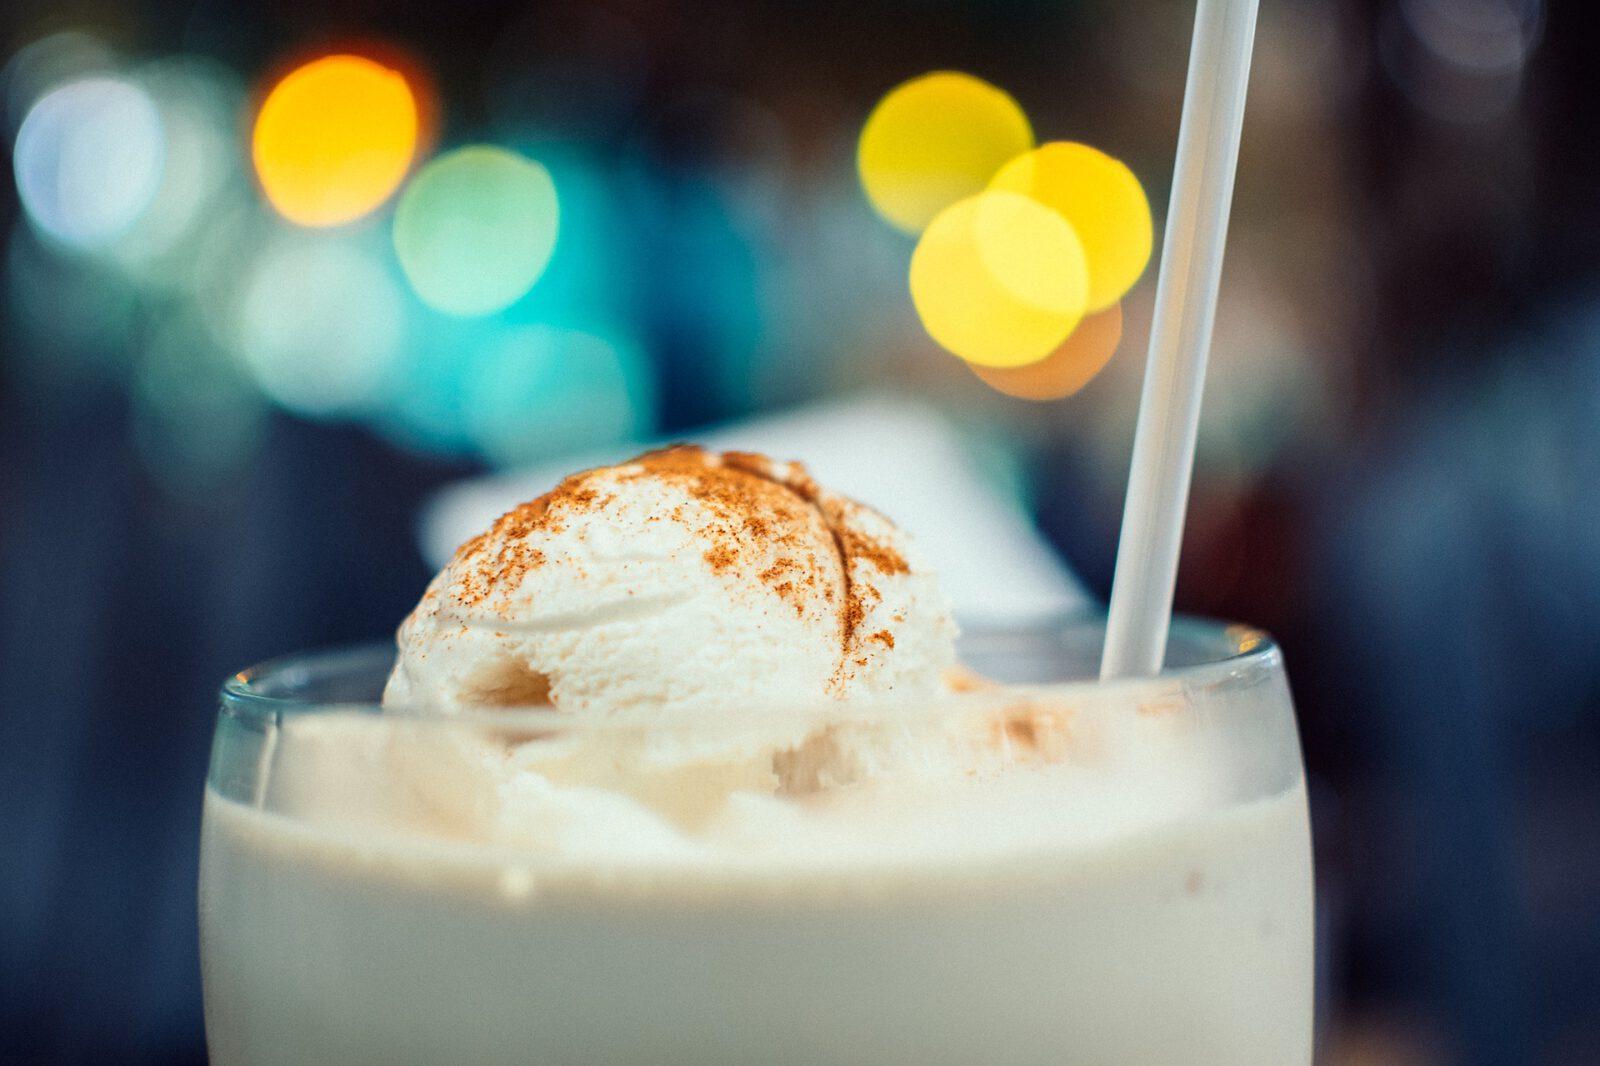 Kaffeefleck-eiskalt oder heiß-kalt